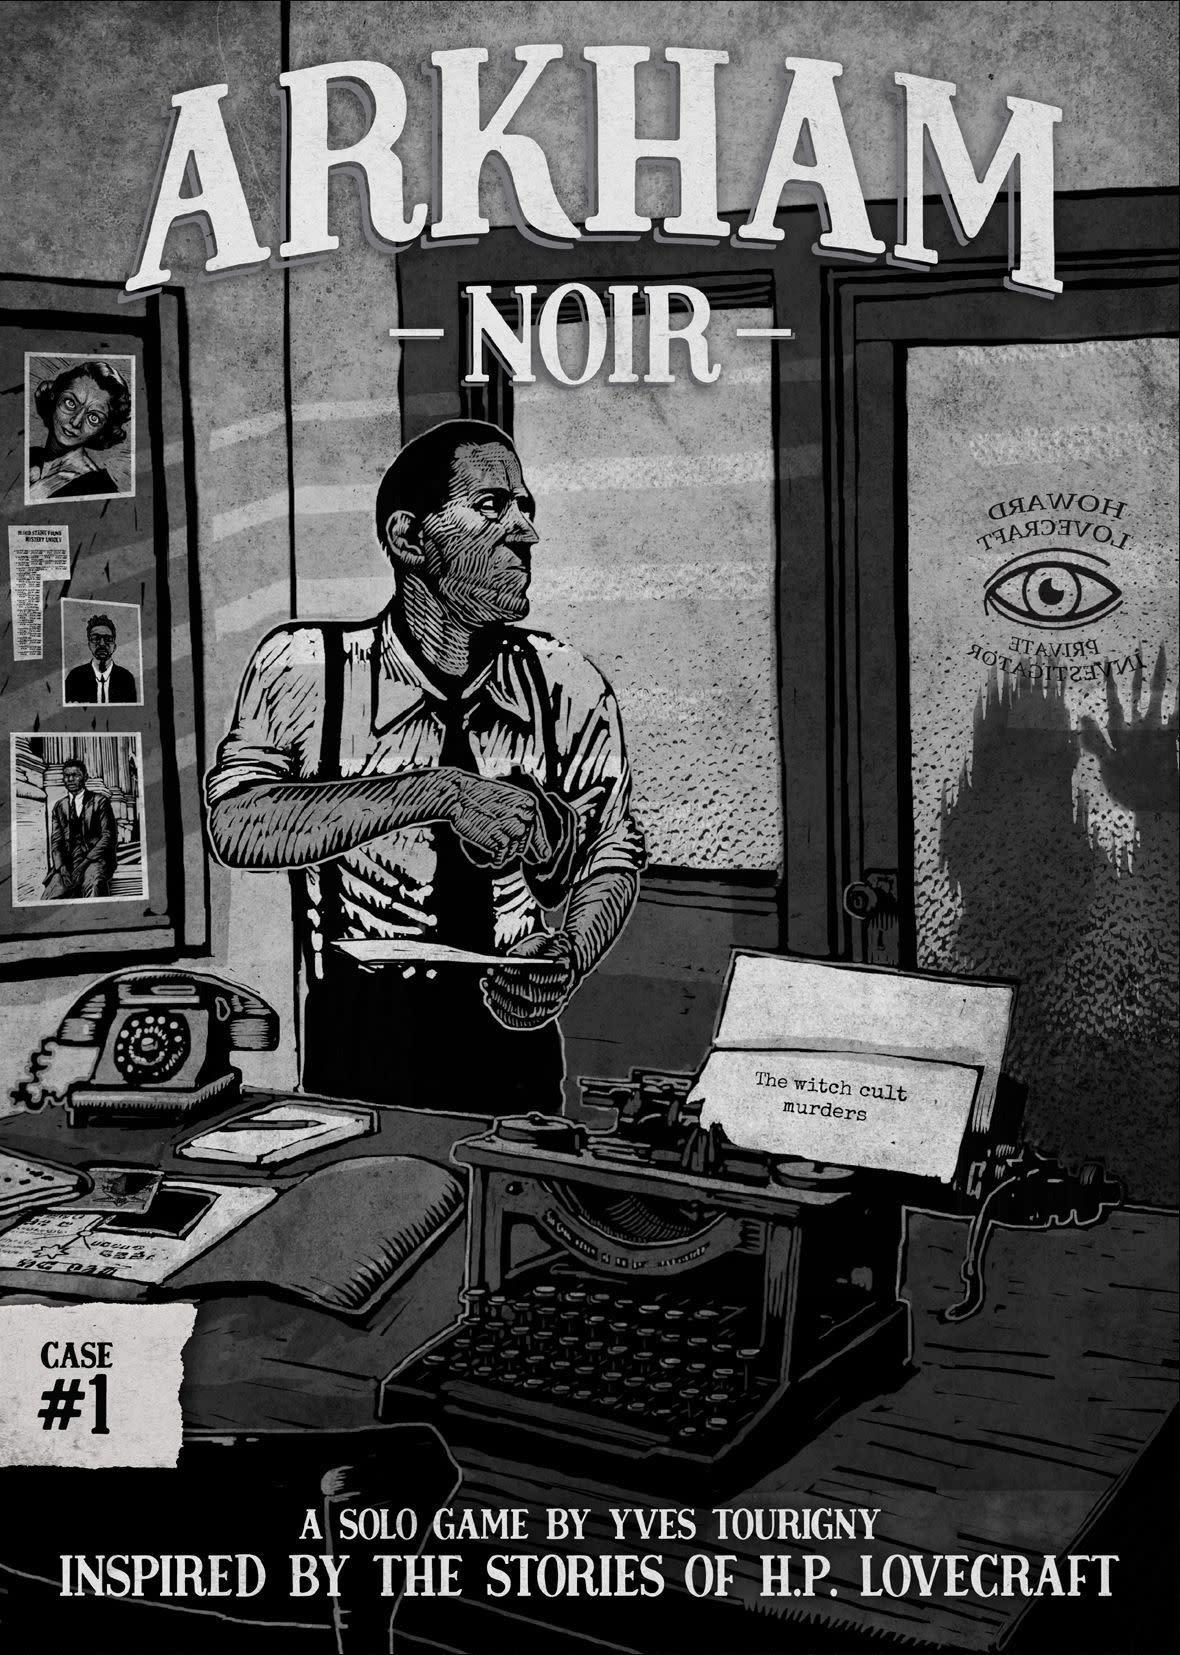 Arkham Noir - Case #1